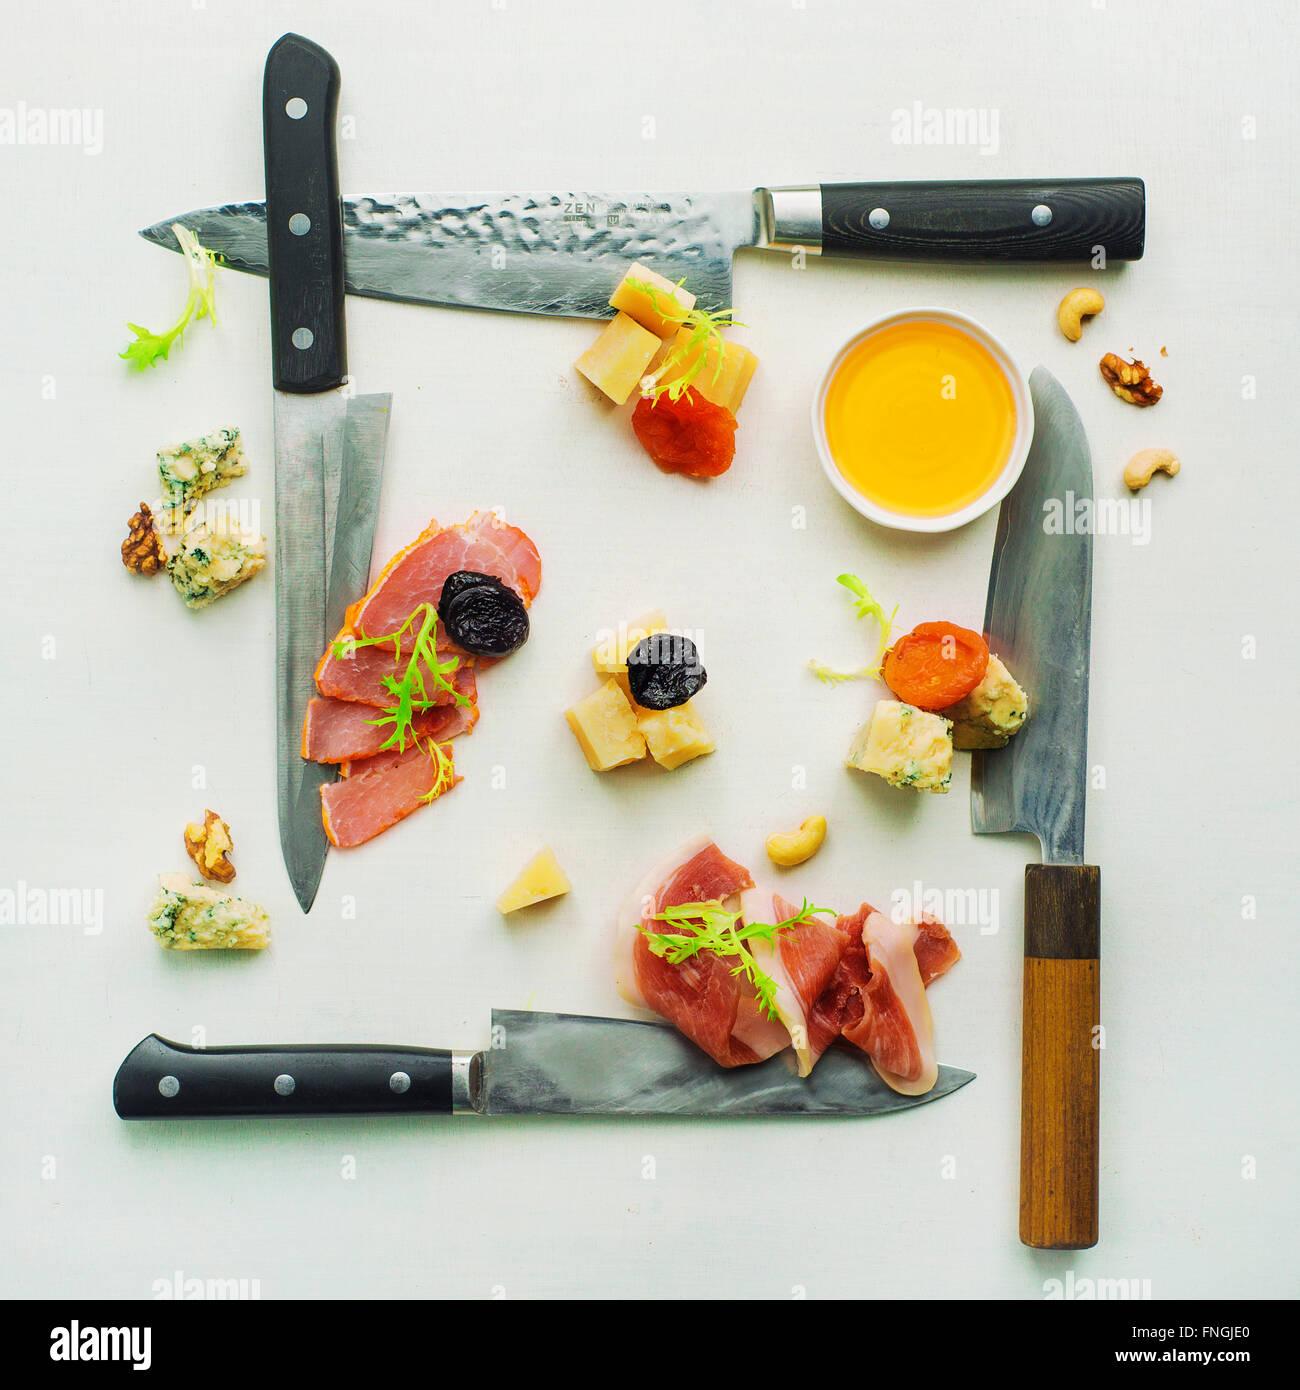 Aperitivo con queso, carne, frutos secos y miel Imagen De Stock